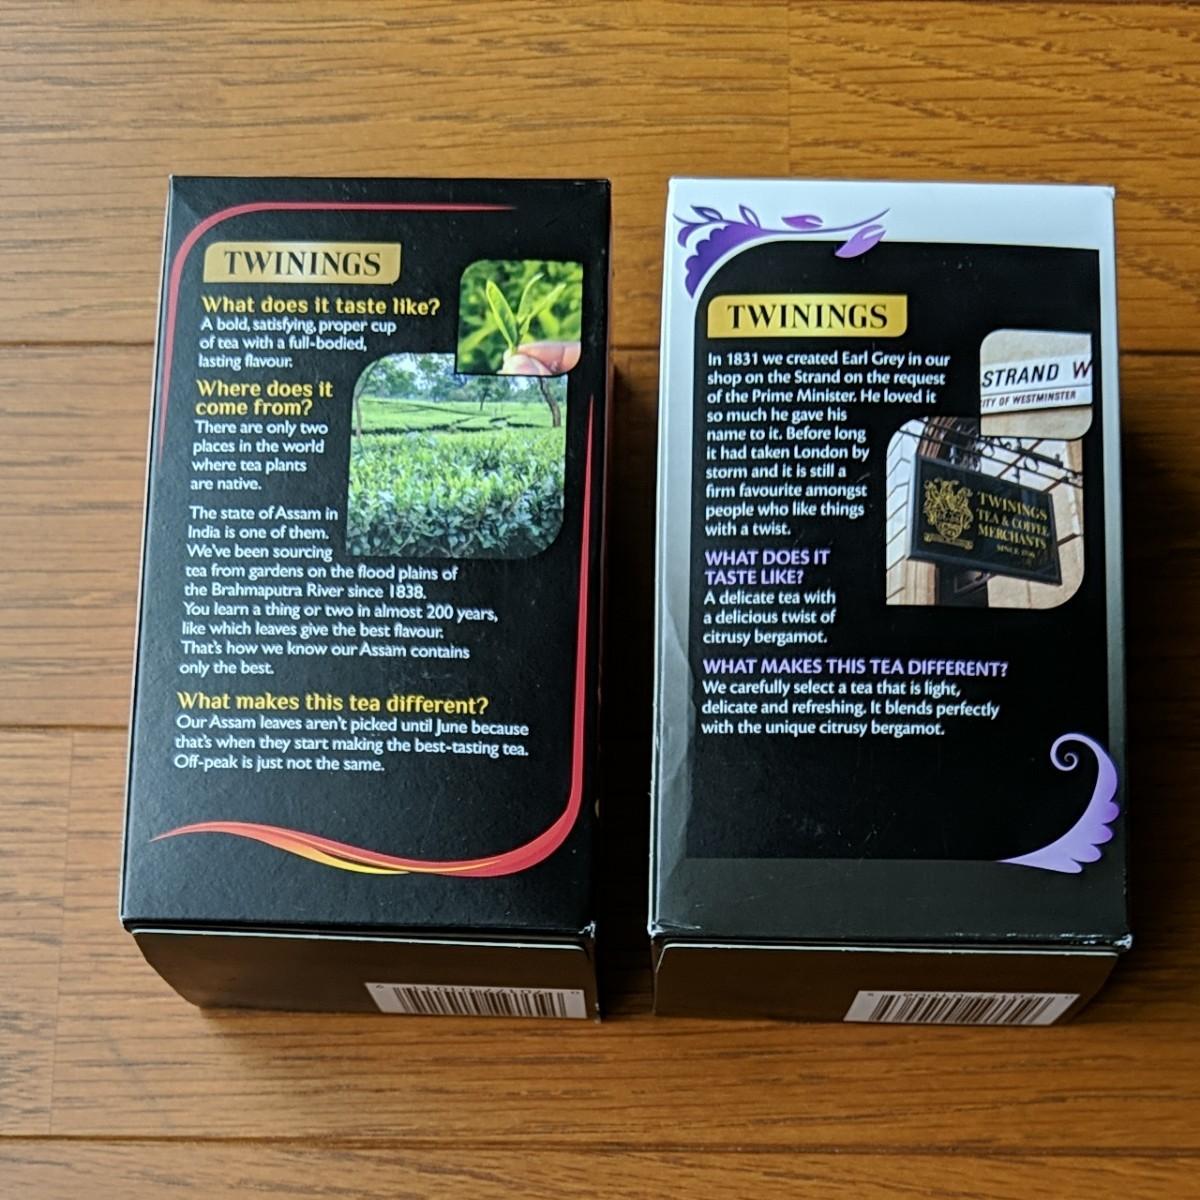 TWININGSトワイニング 紅茶 アッサム アールグレイ リーフ 125g イギリス 輸入品 アイスティー 英国